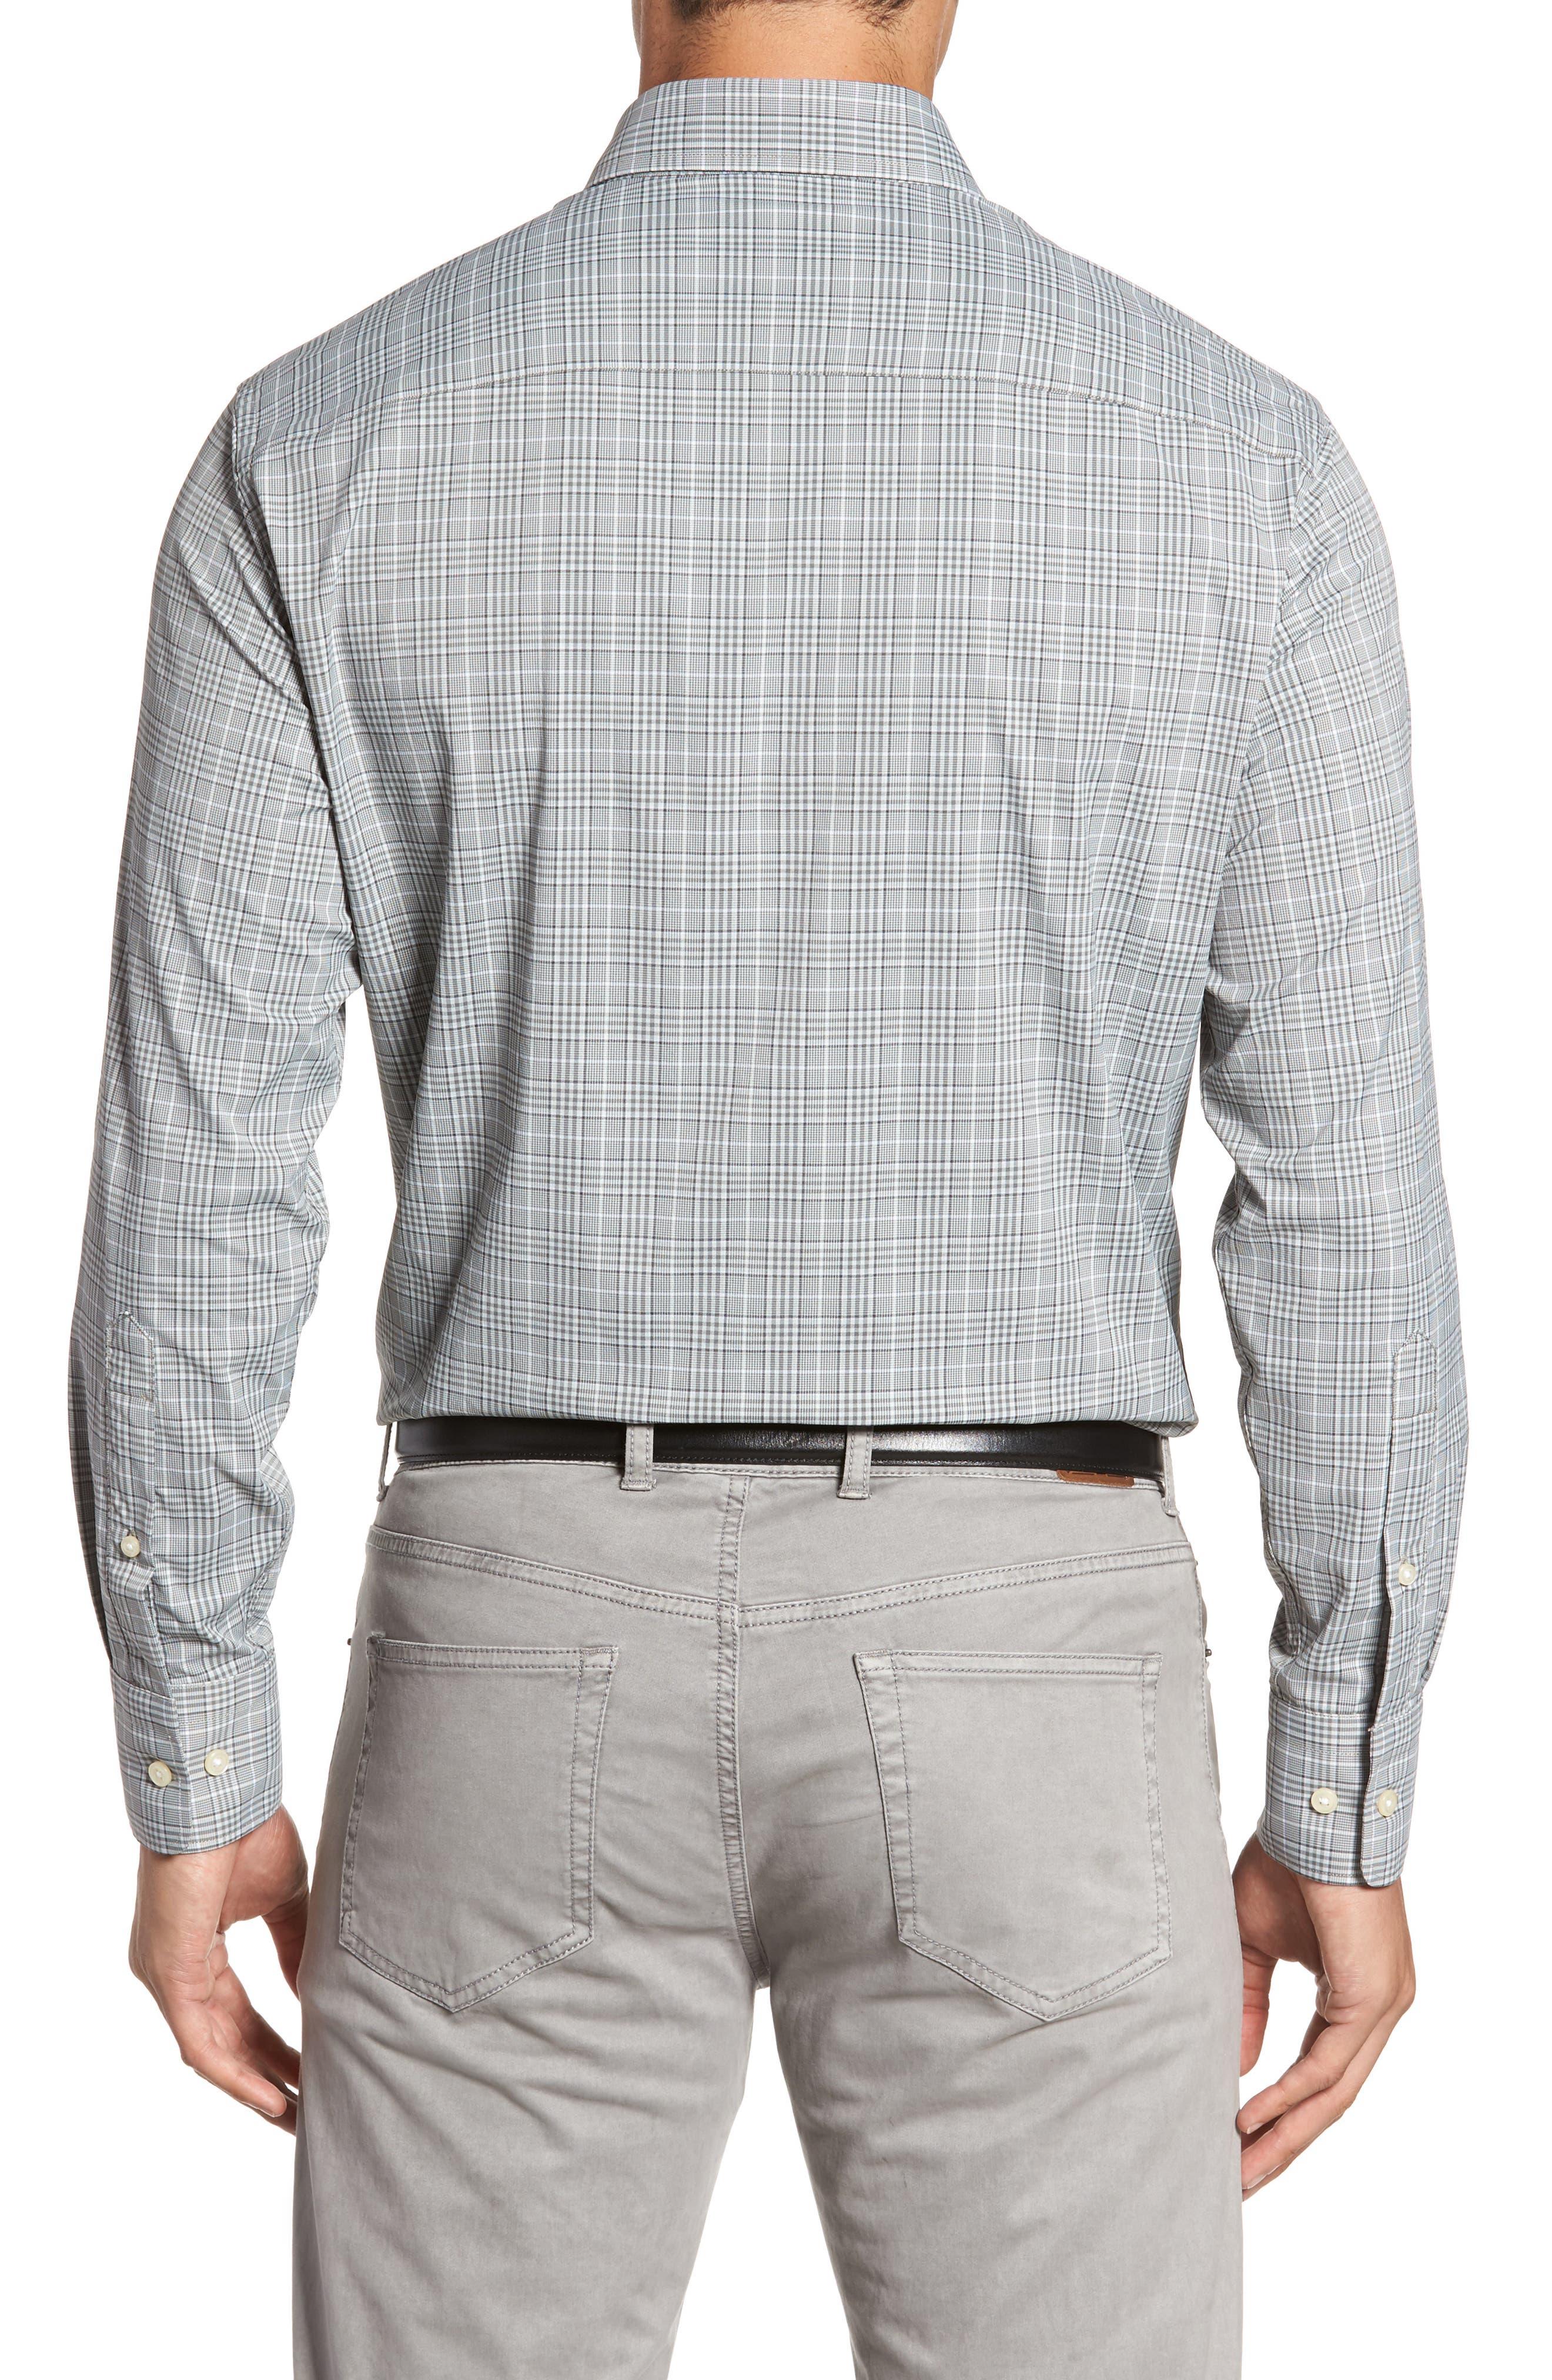 Vedder Gingham Regular Fit Performance Sport Shirt,                             Alternate thumbnail 2, color,                             Smoke